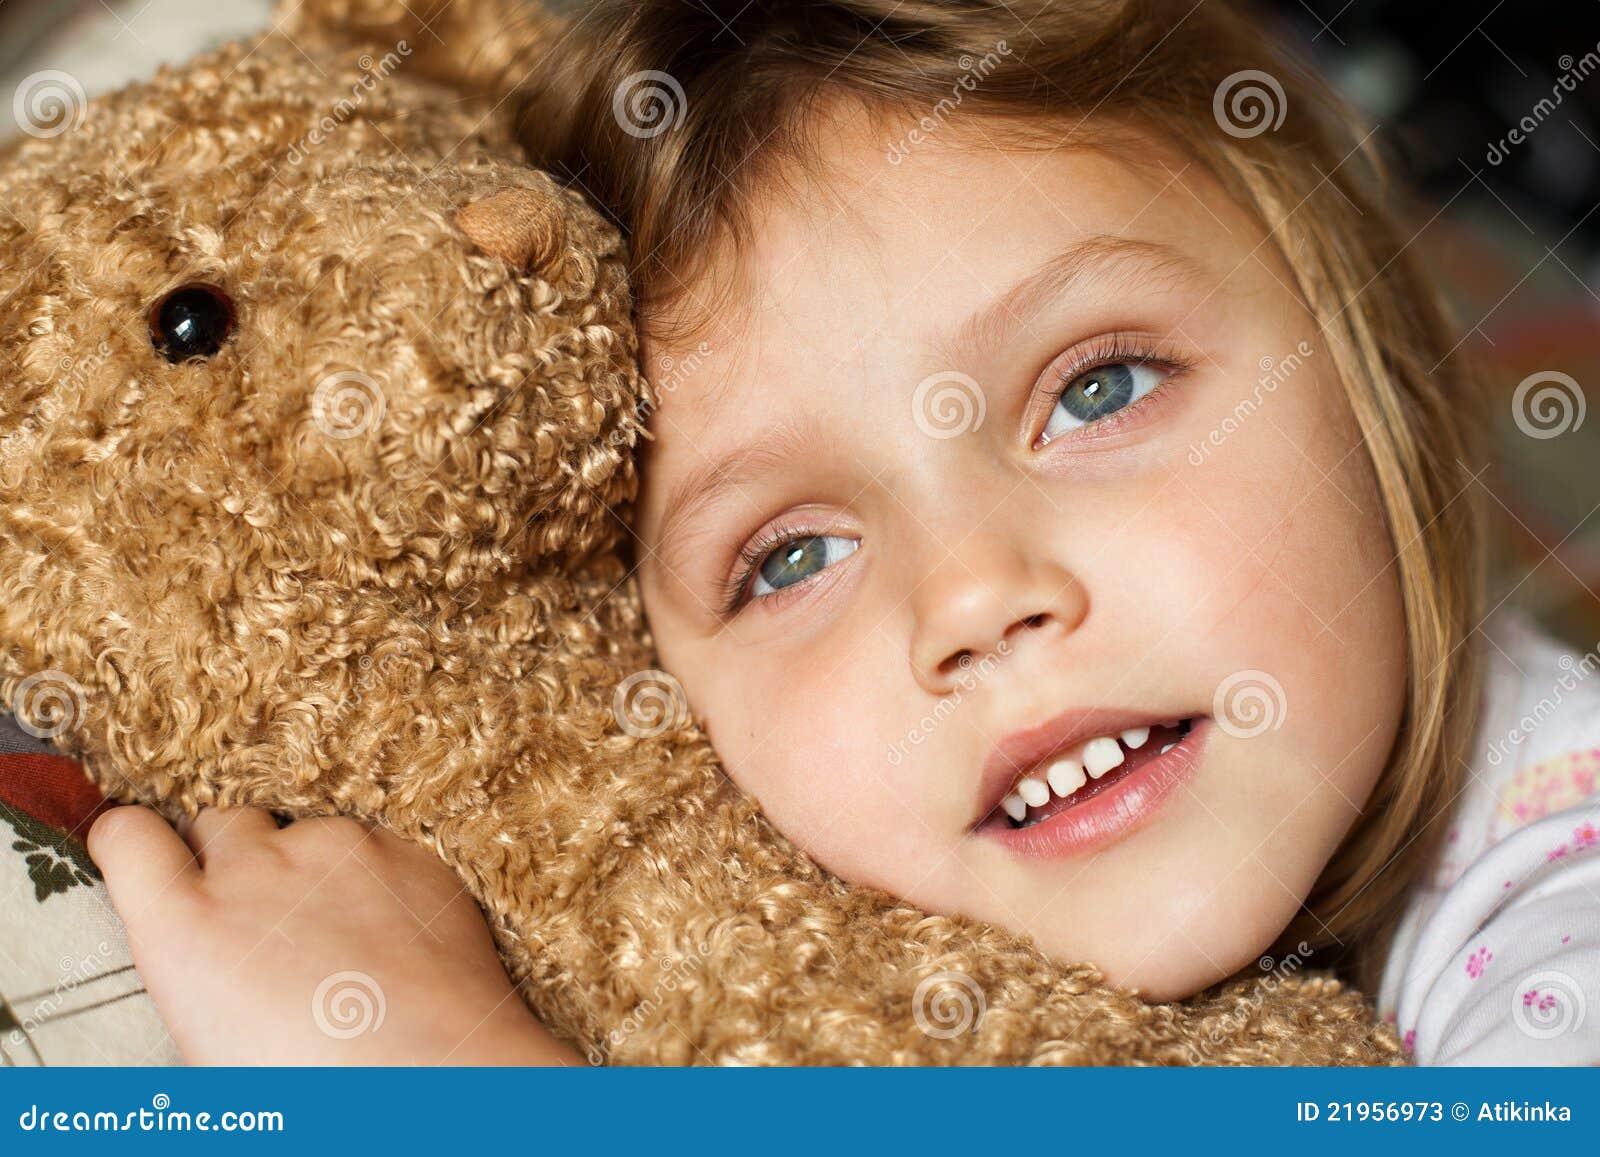 child with teddy bear stock photos